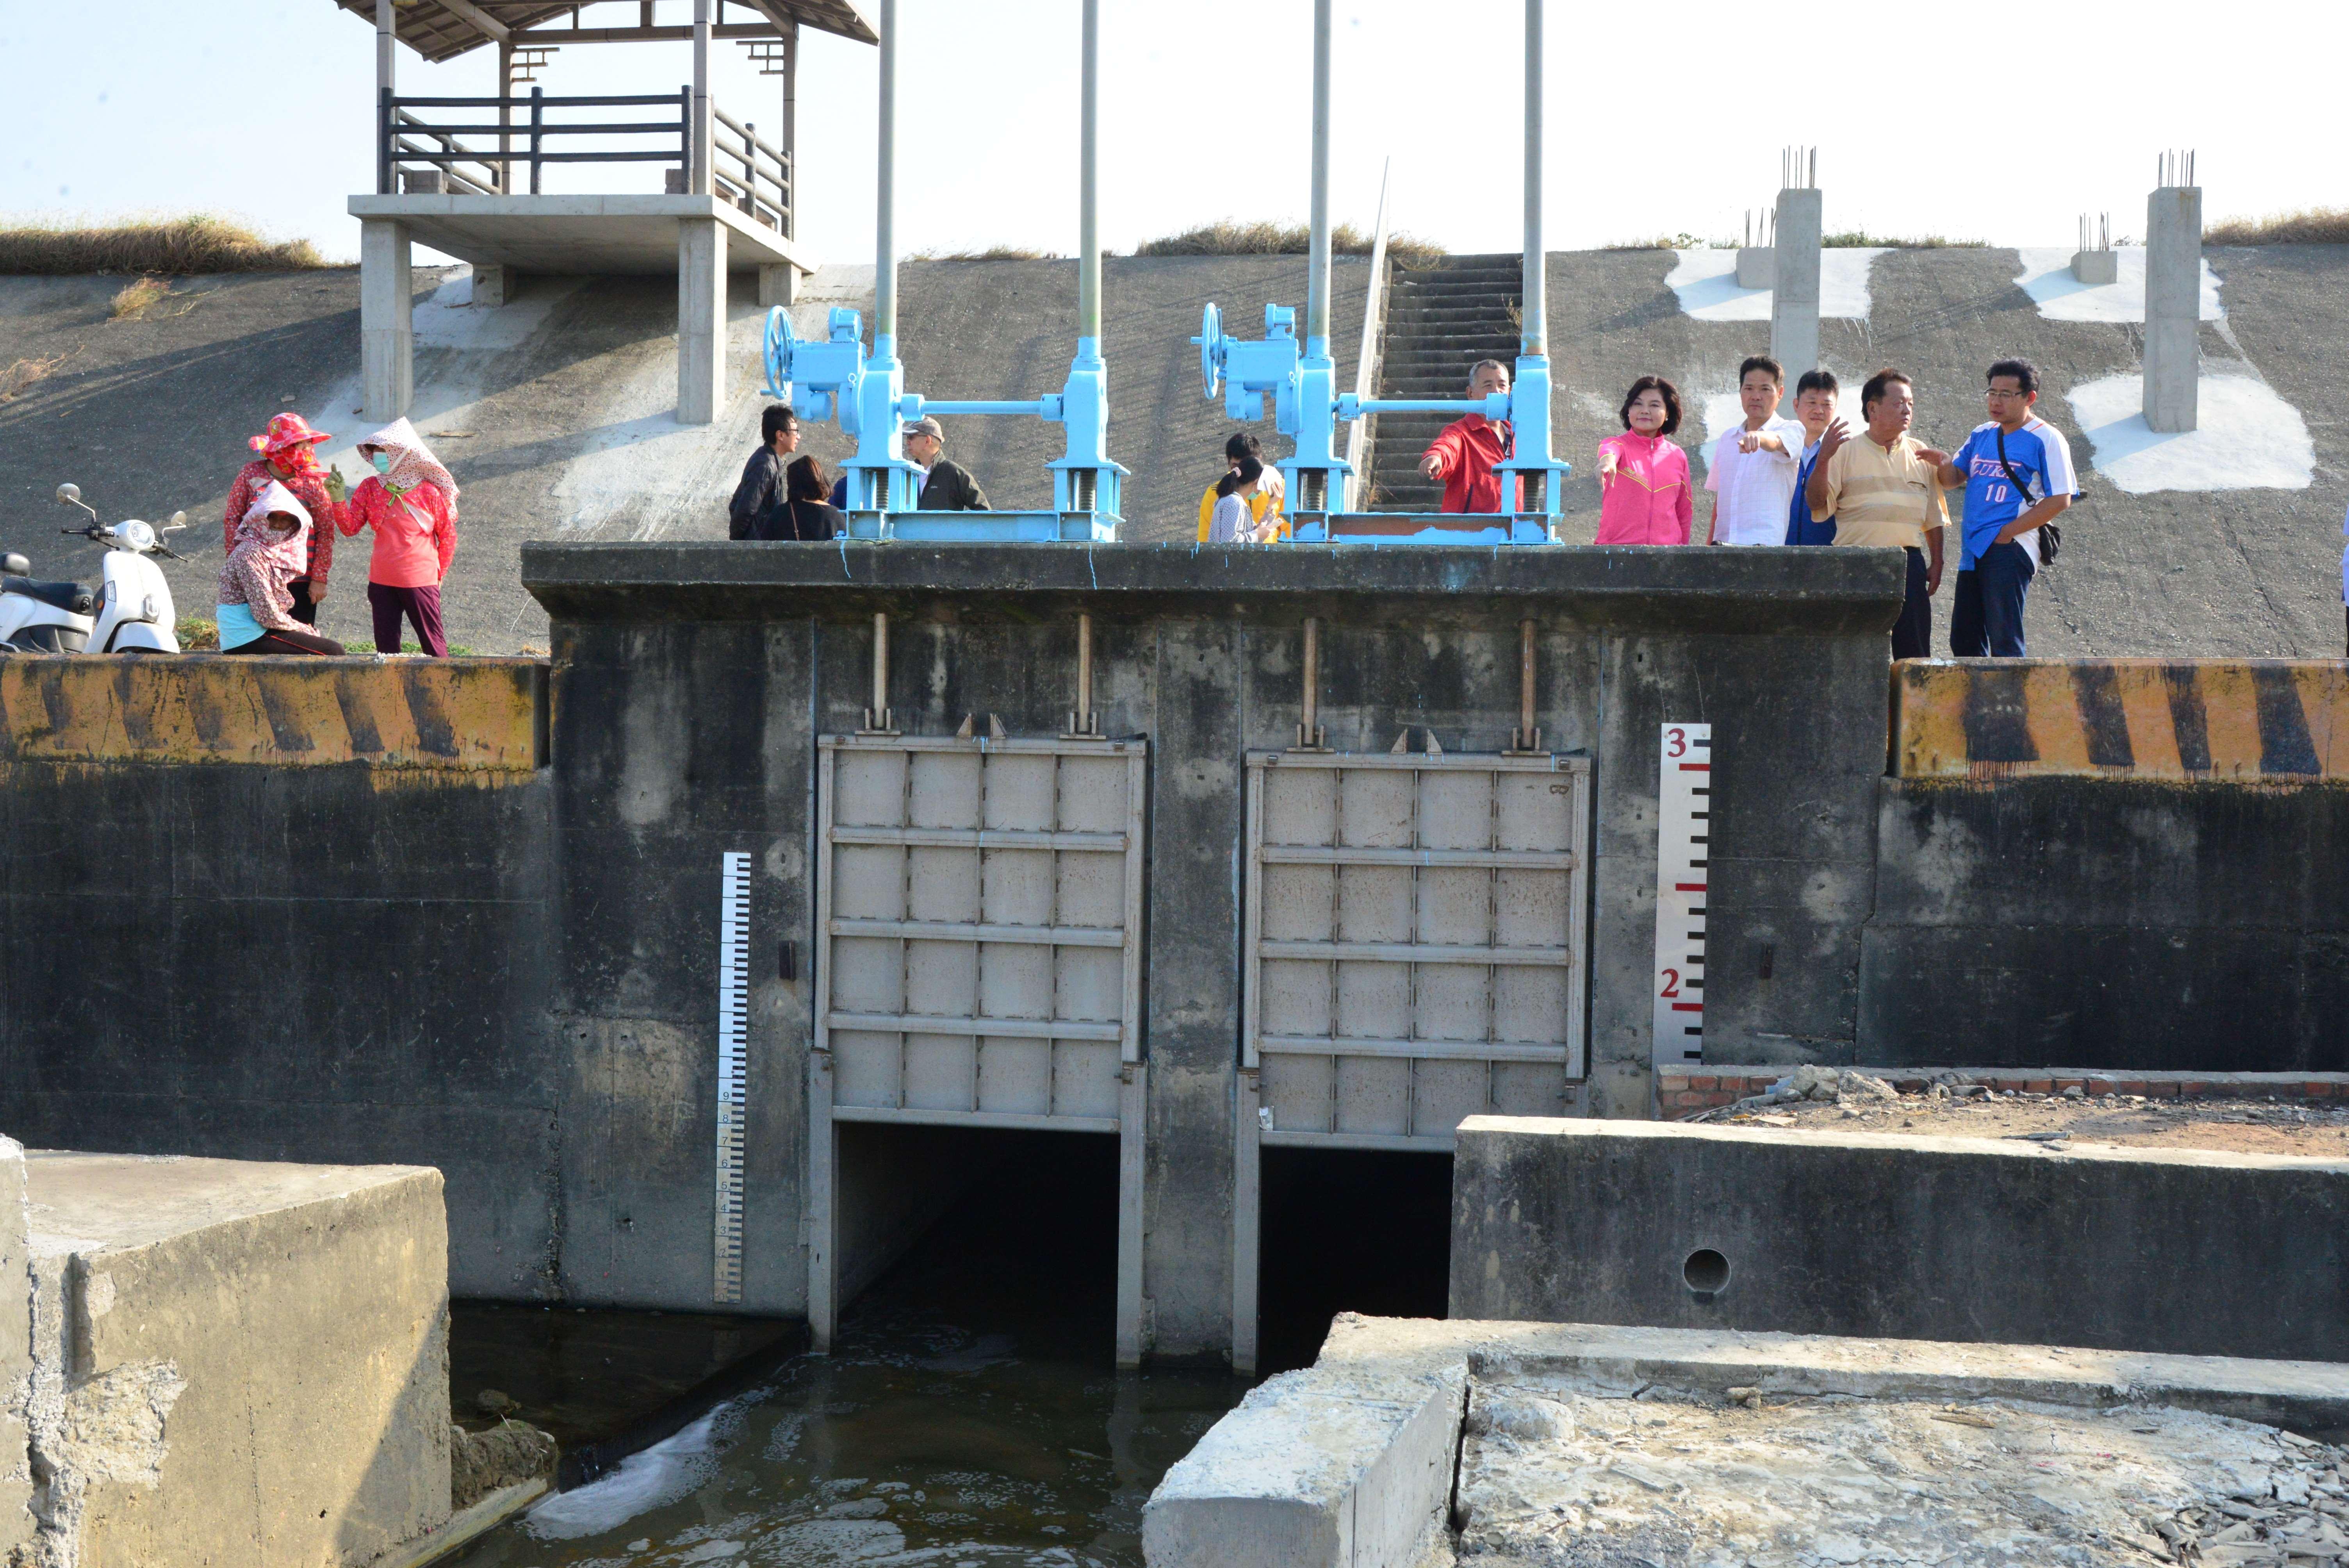 縣府將於水埔簡易抽水站旁增設2條越堤排水管路,與現有排水方式並用,雙管齊下改善當地水患問題。